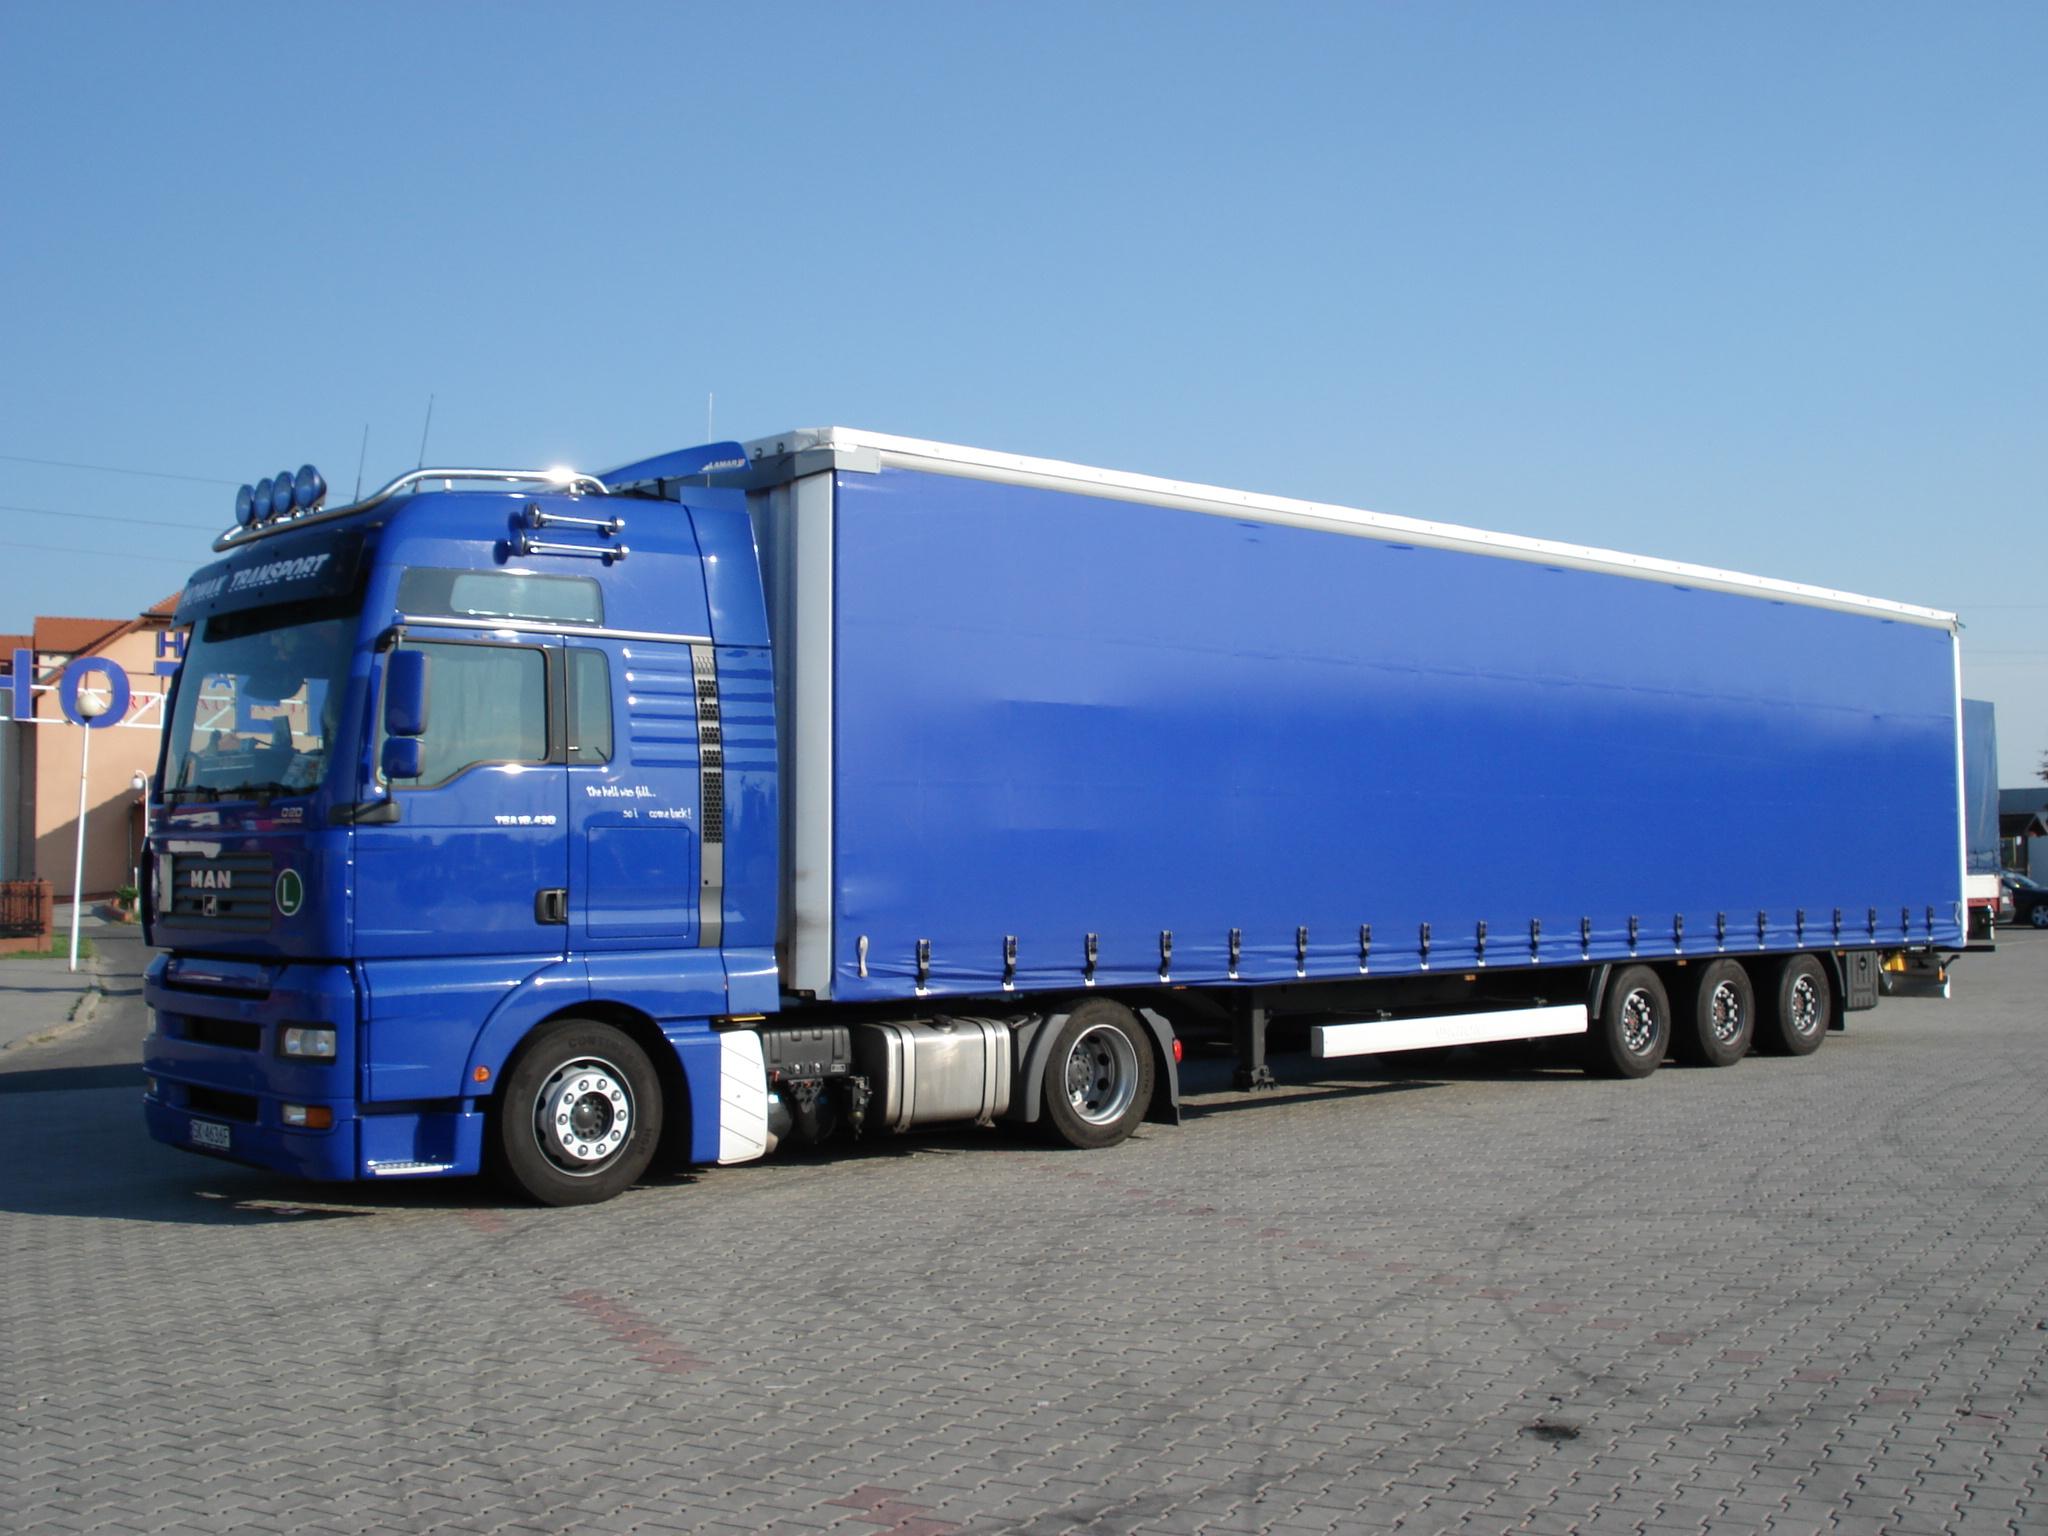 Ciągniki Siodłowe Galeria Strona Gł 243 Wna Amk Trucks